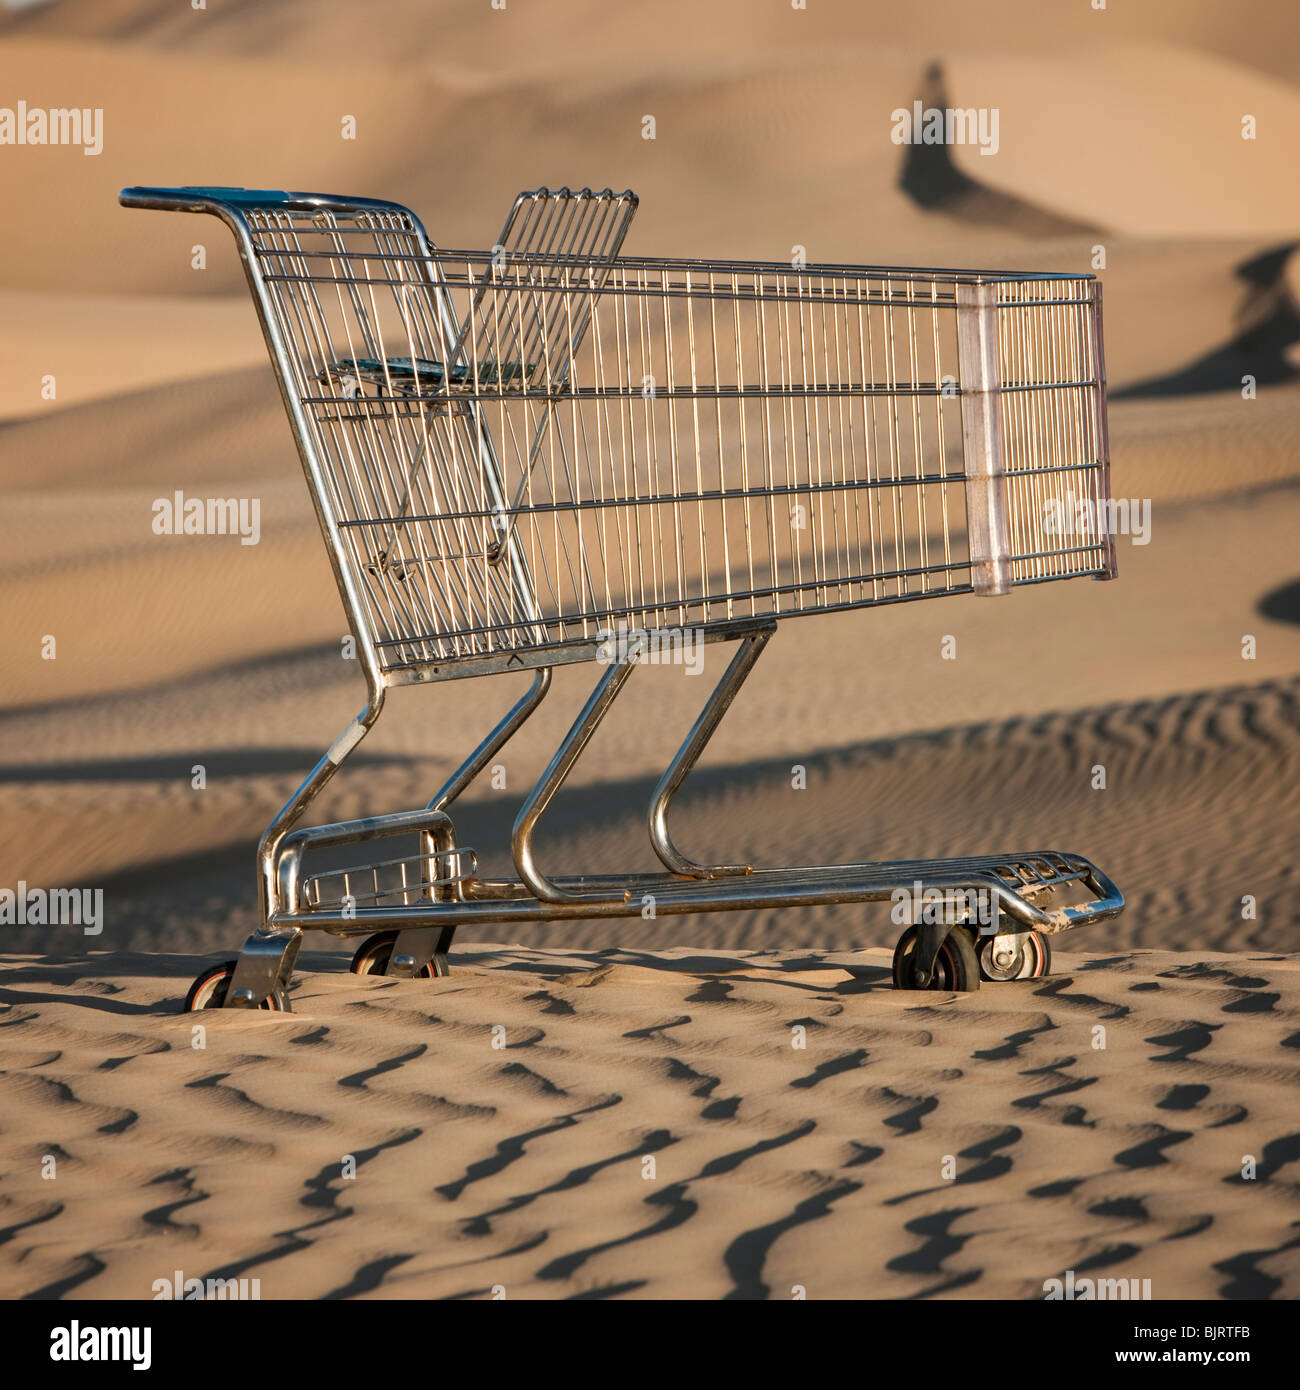 USA, Utah, Little Sahara, abandoned shopping cart on desert - Stock Image